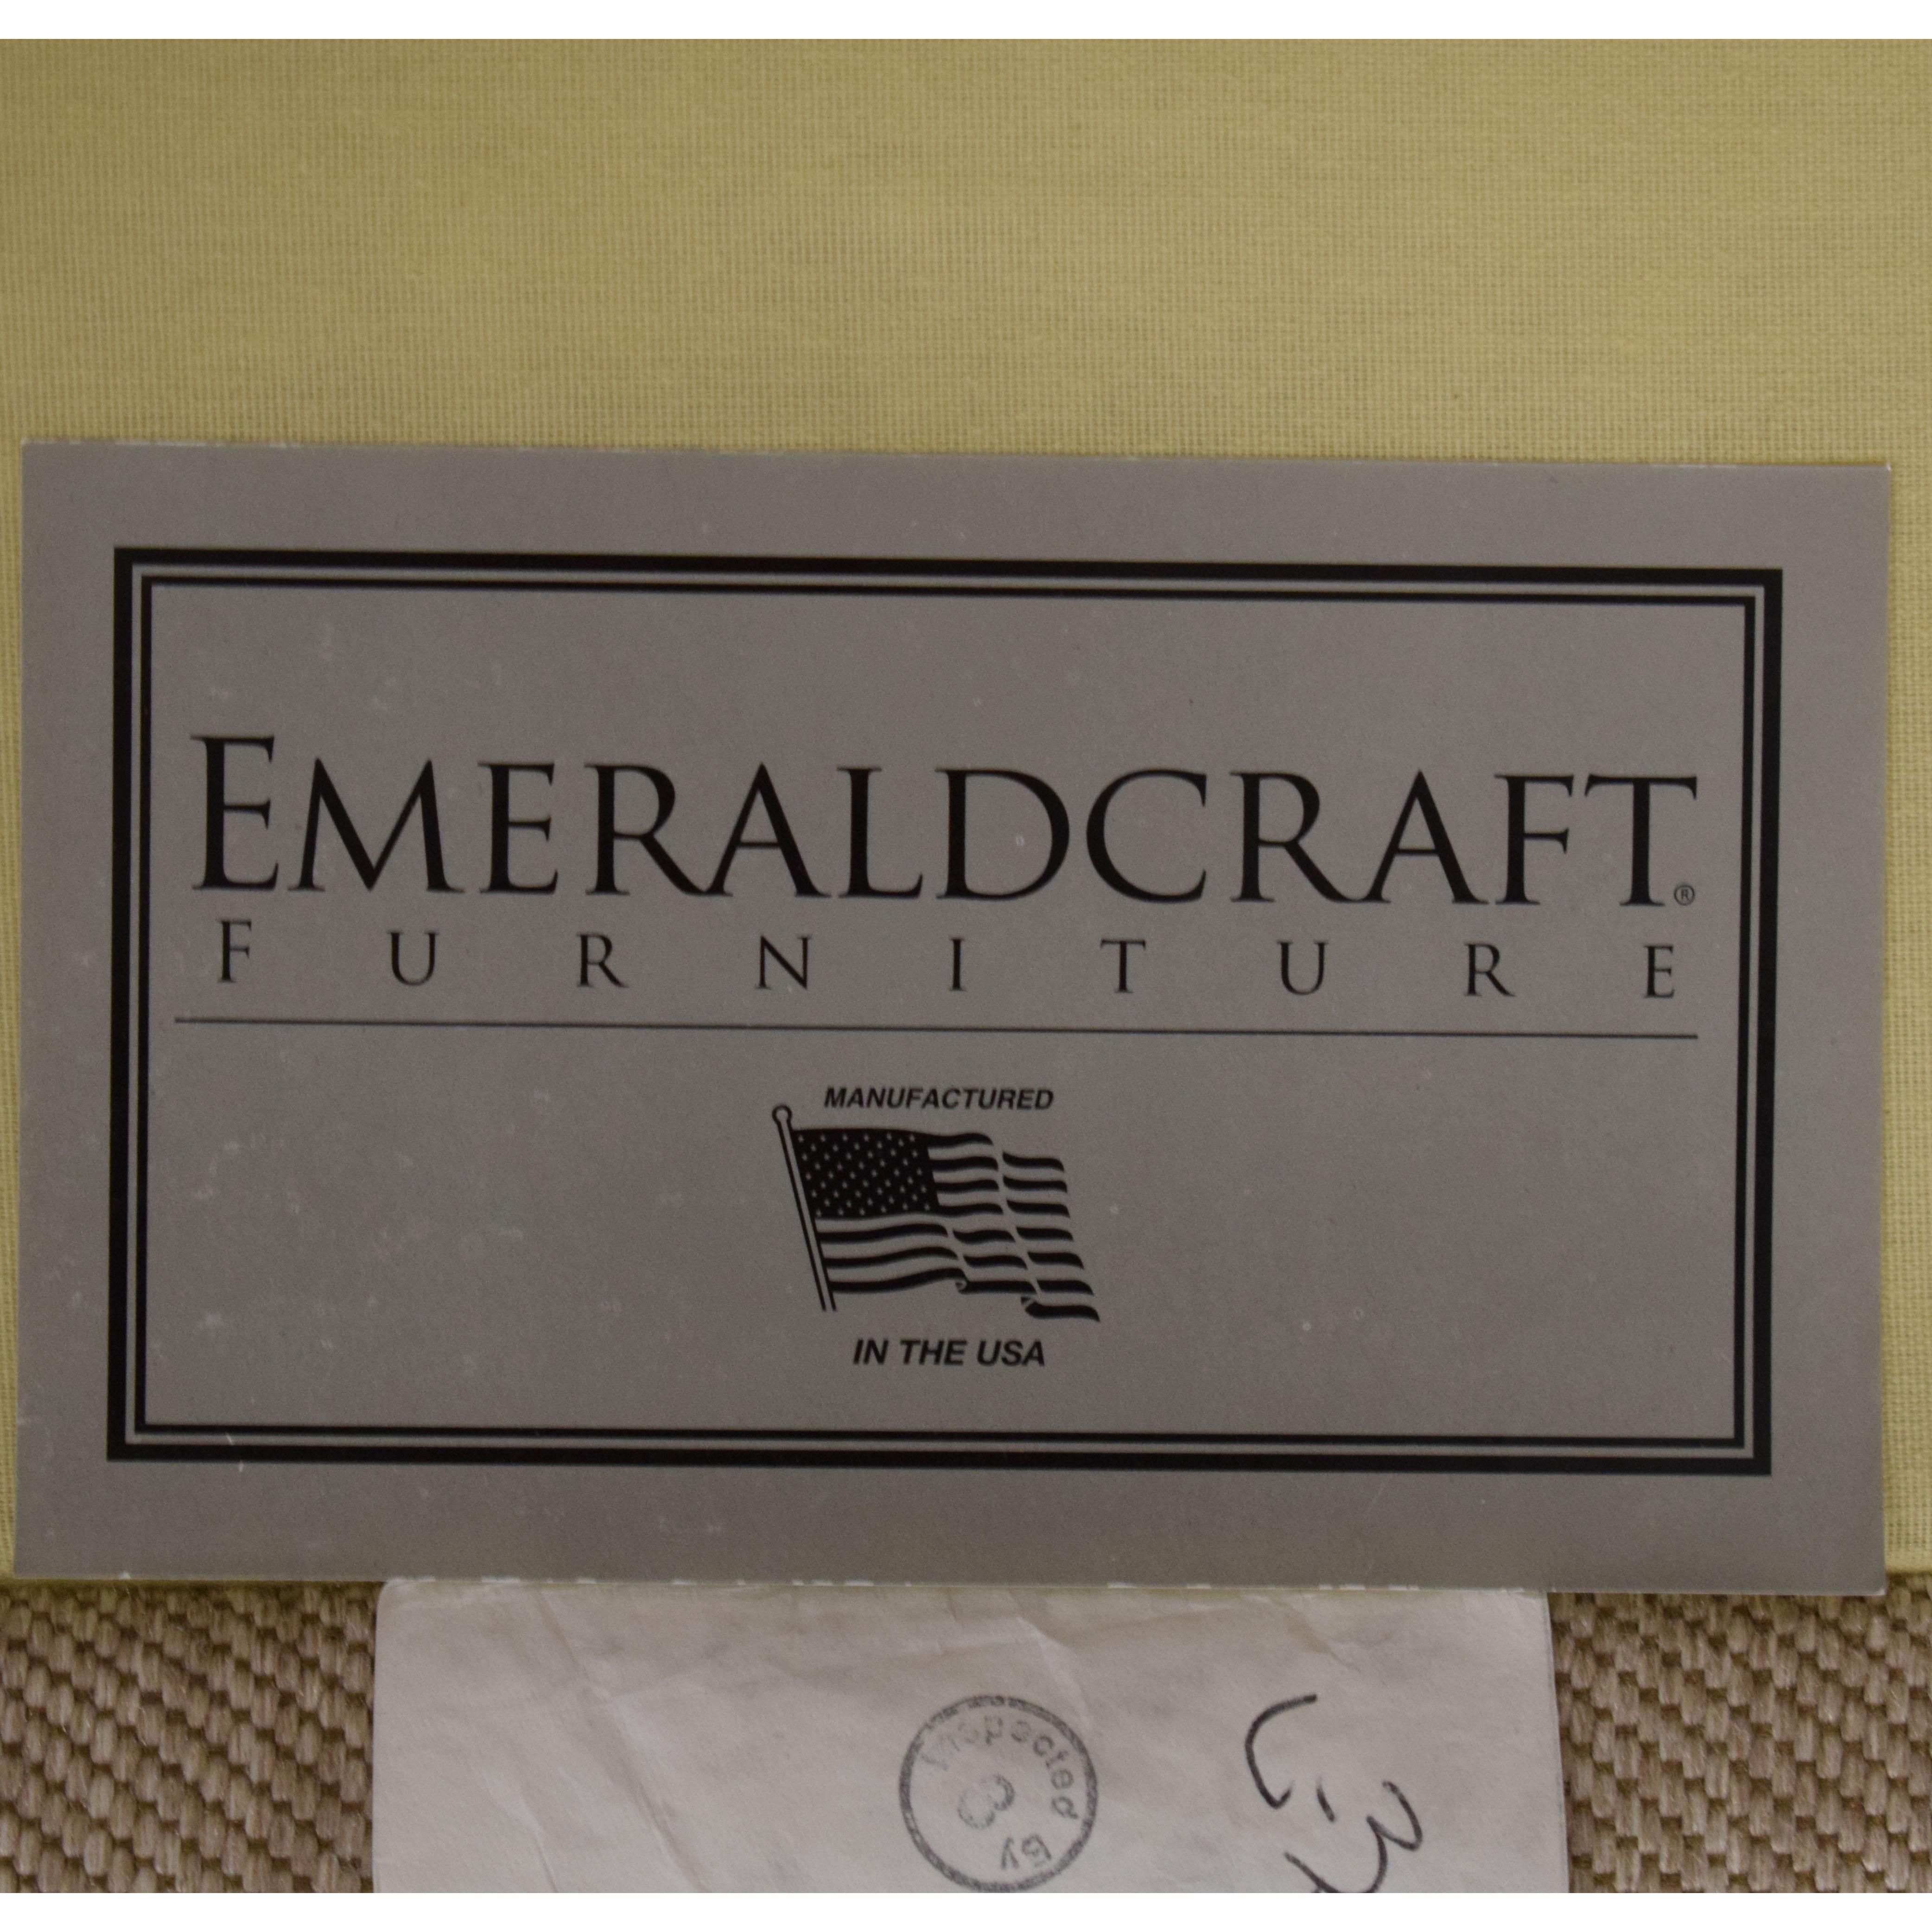 Emeraldcraft Emeraldcraft Loveseat beige